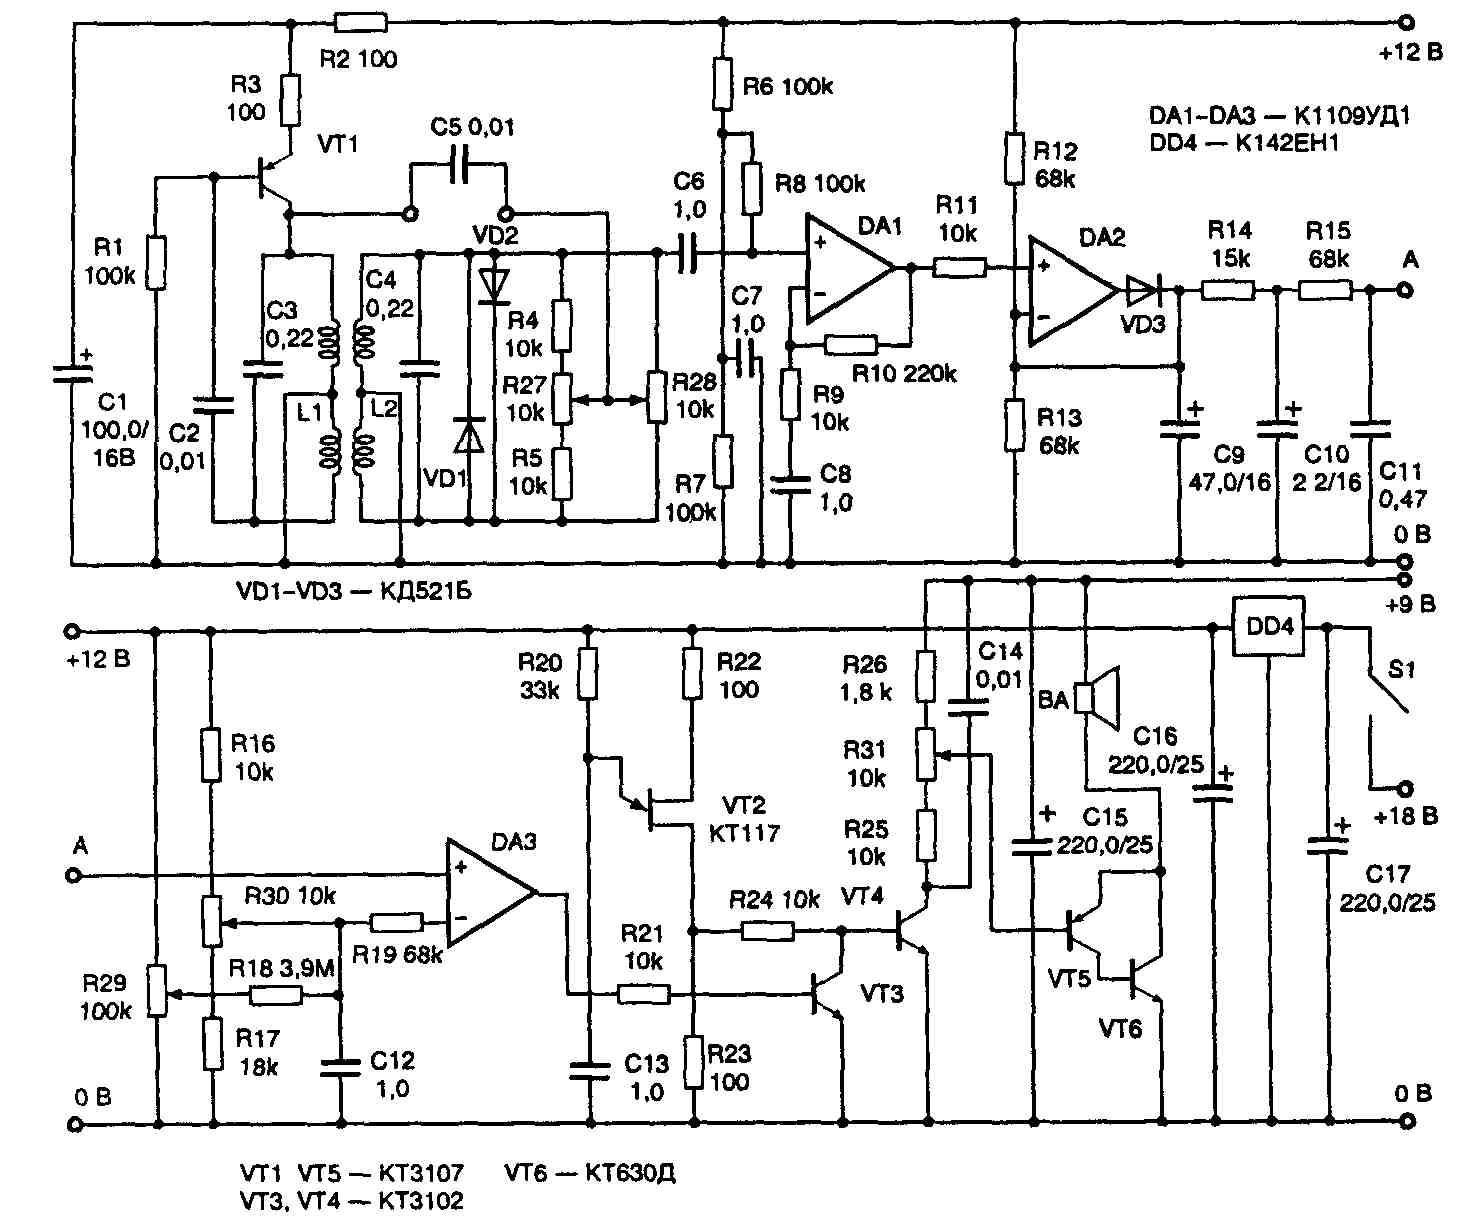 700 схем для вышивки крестом монохром Зборник задач с 11 класса по основы электронных металлоискателей в сборник...